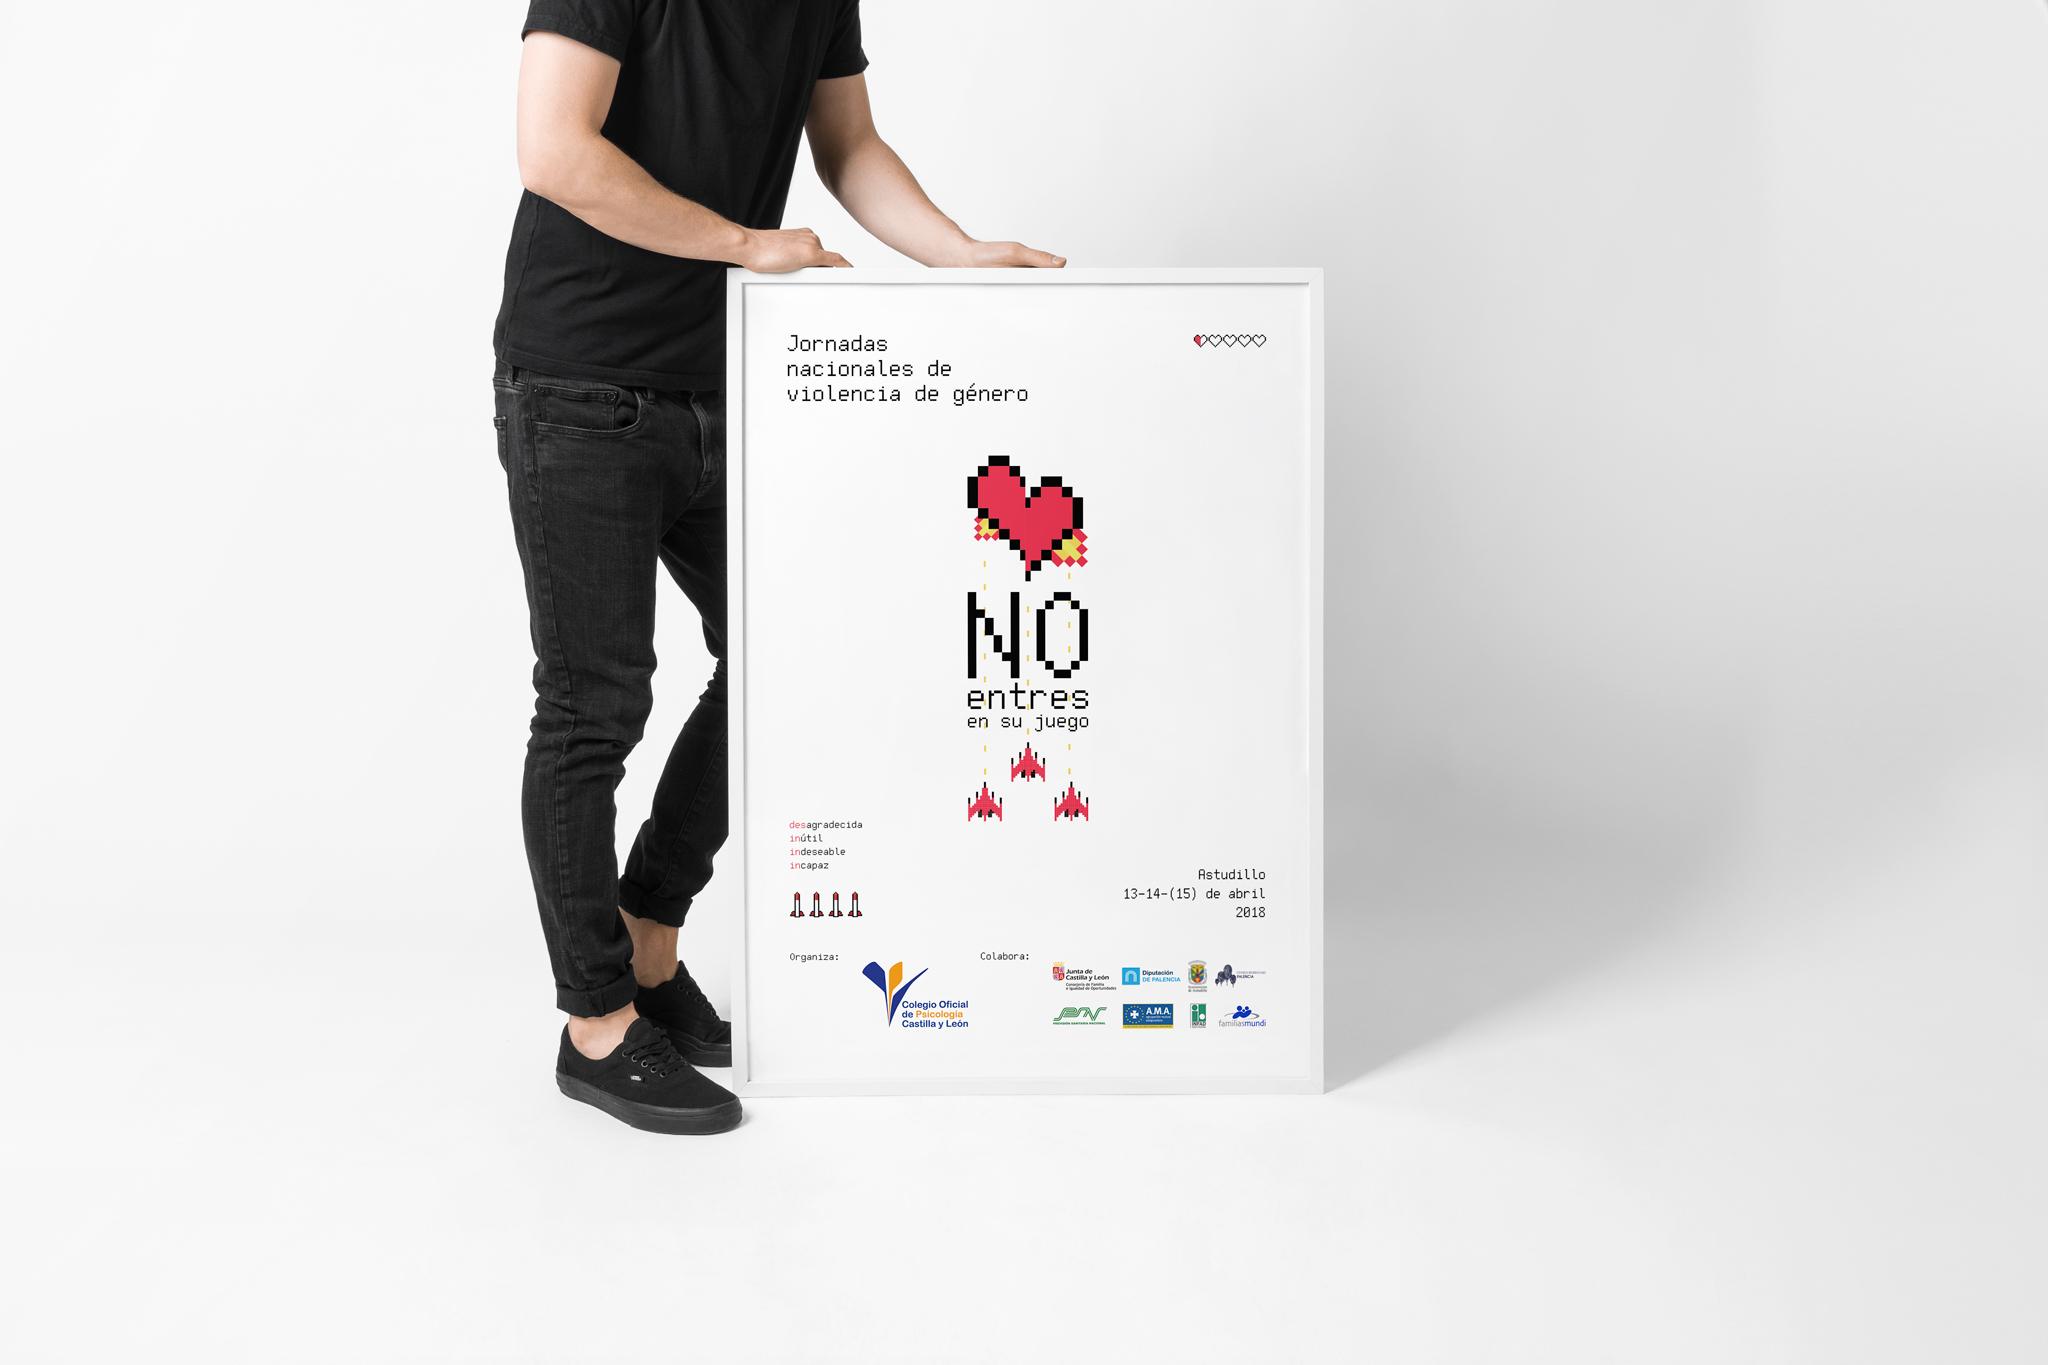 Jornadas nacionales de violencia de género cartel4